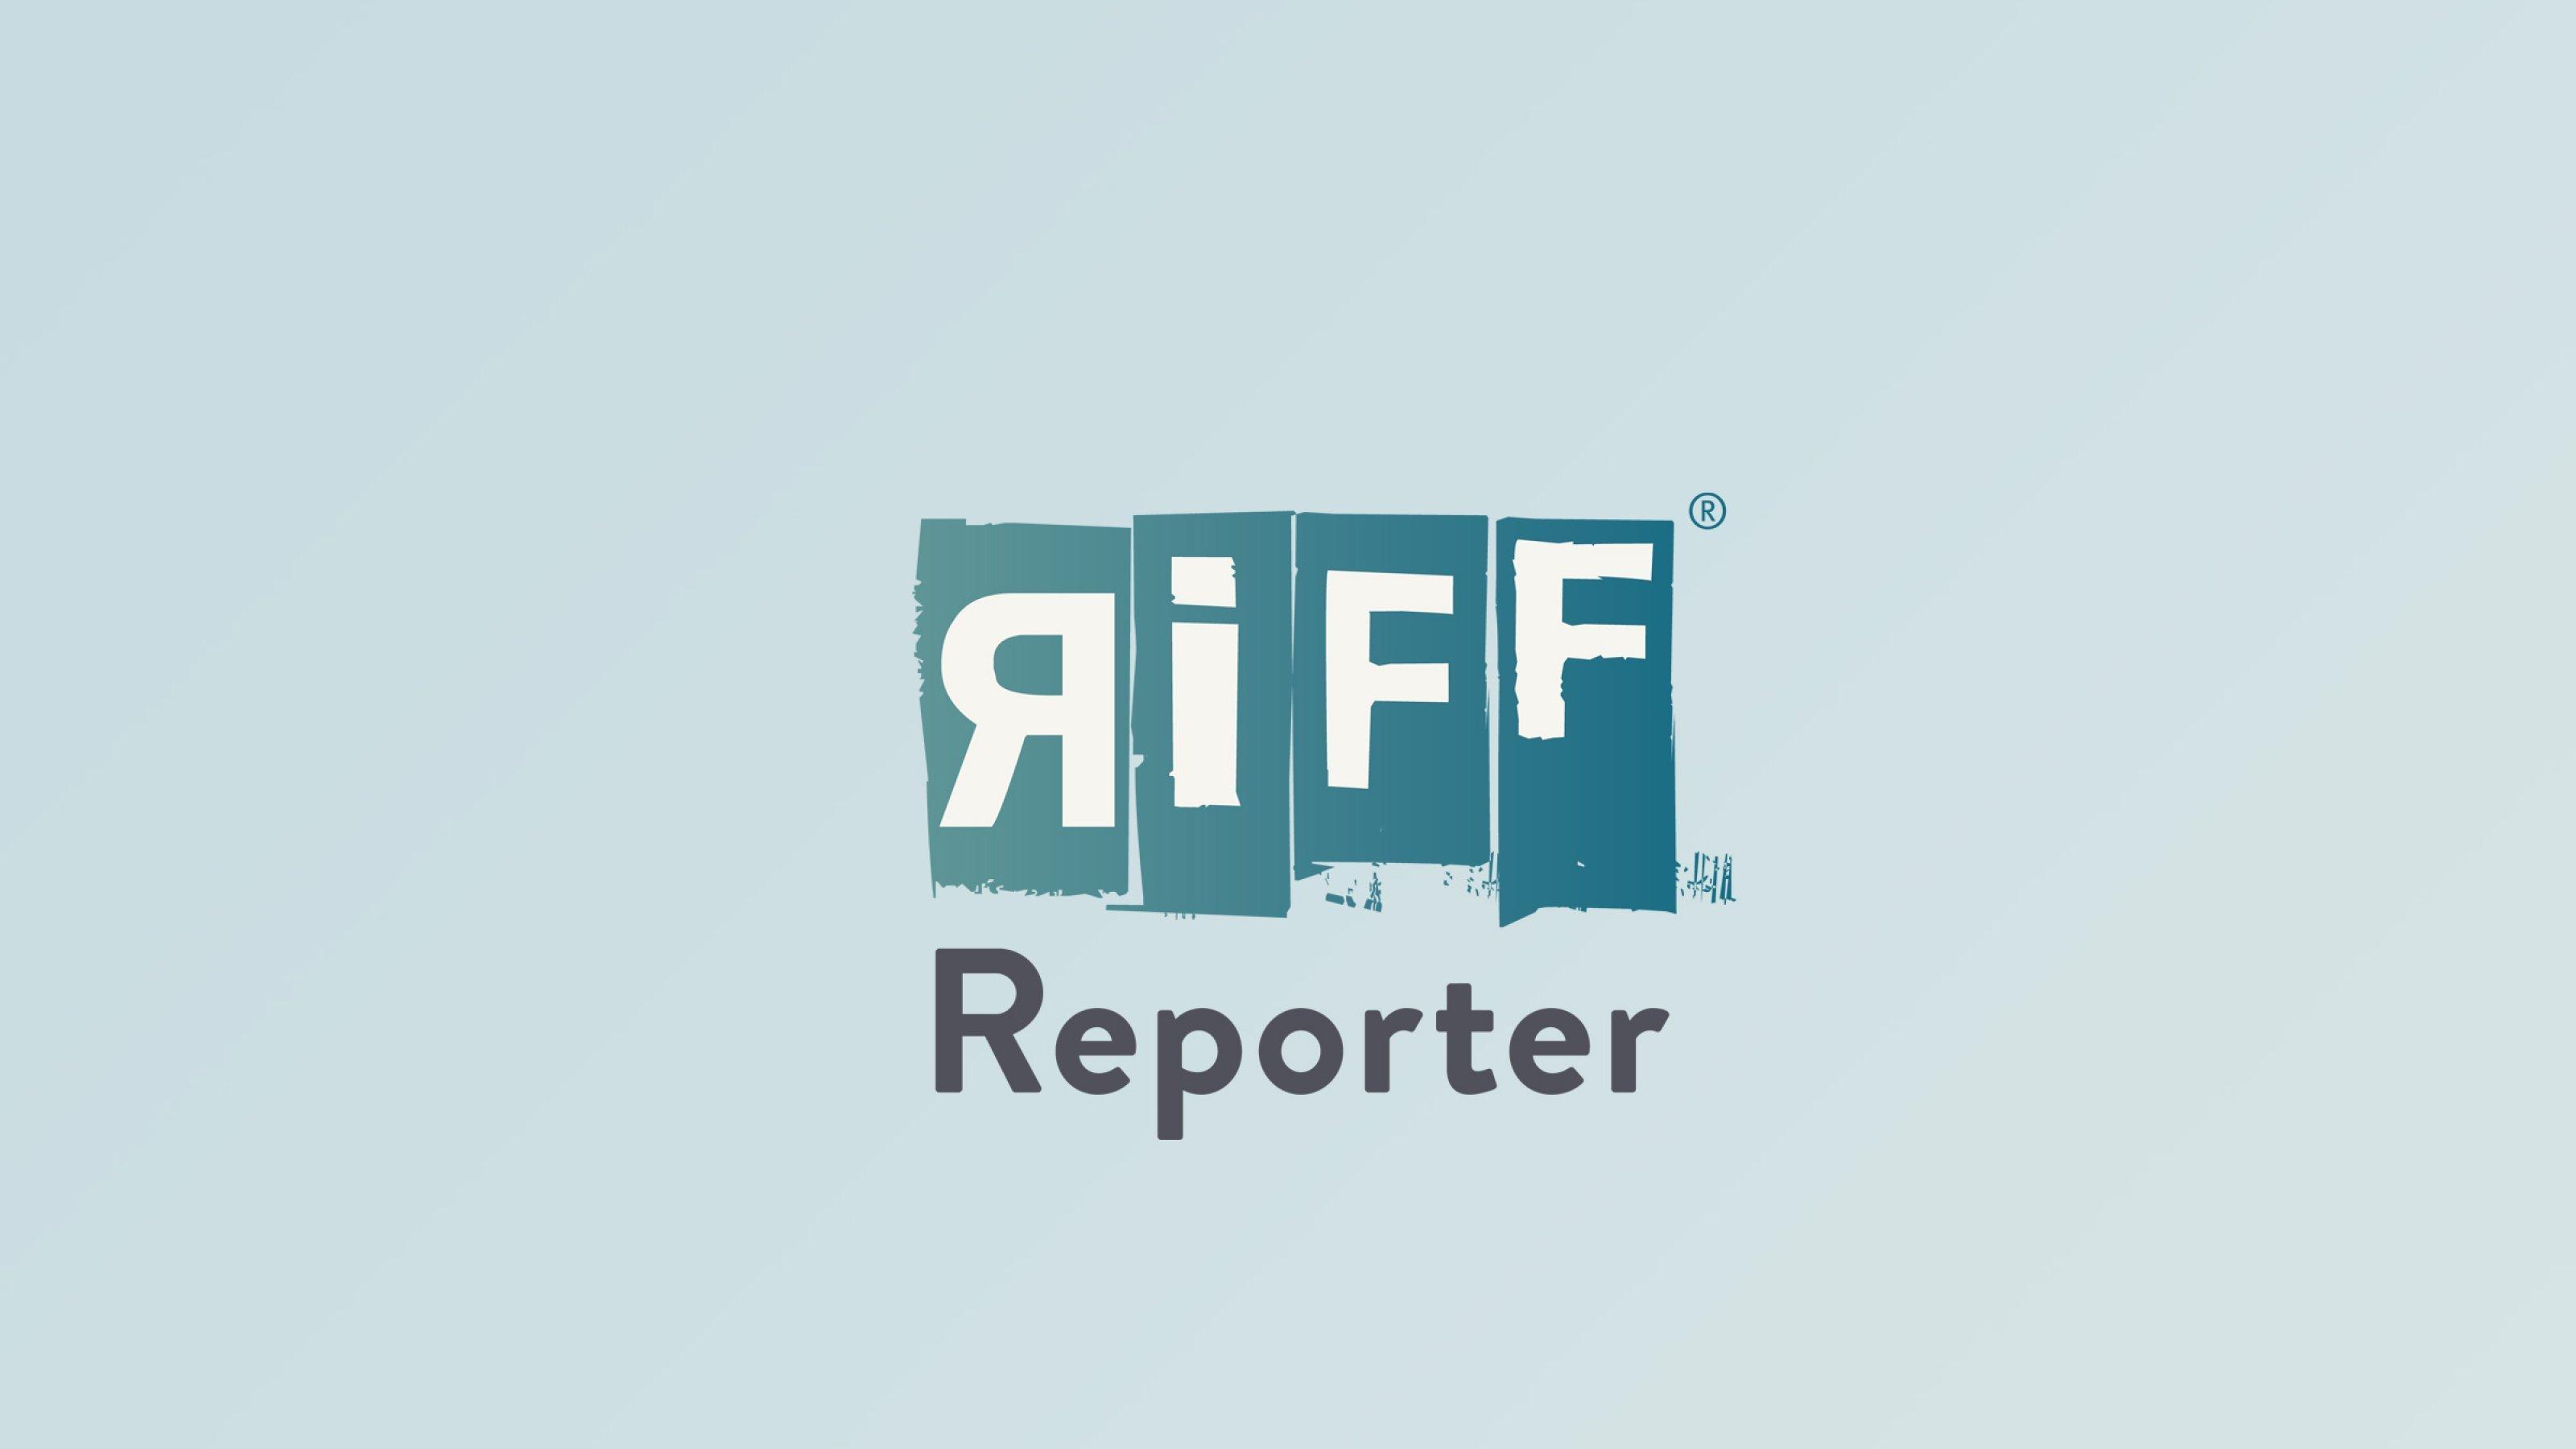 Vor der Freiheitsstatue in New York fährt ein Schiff